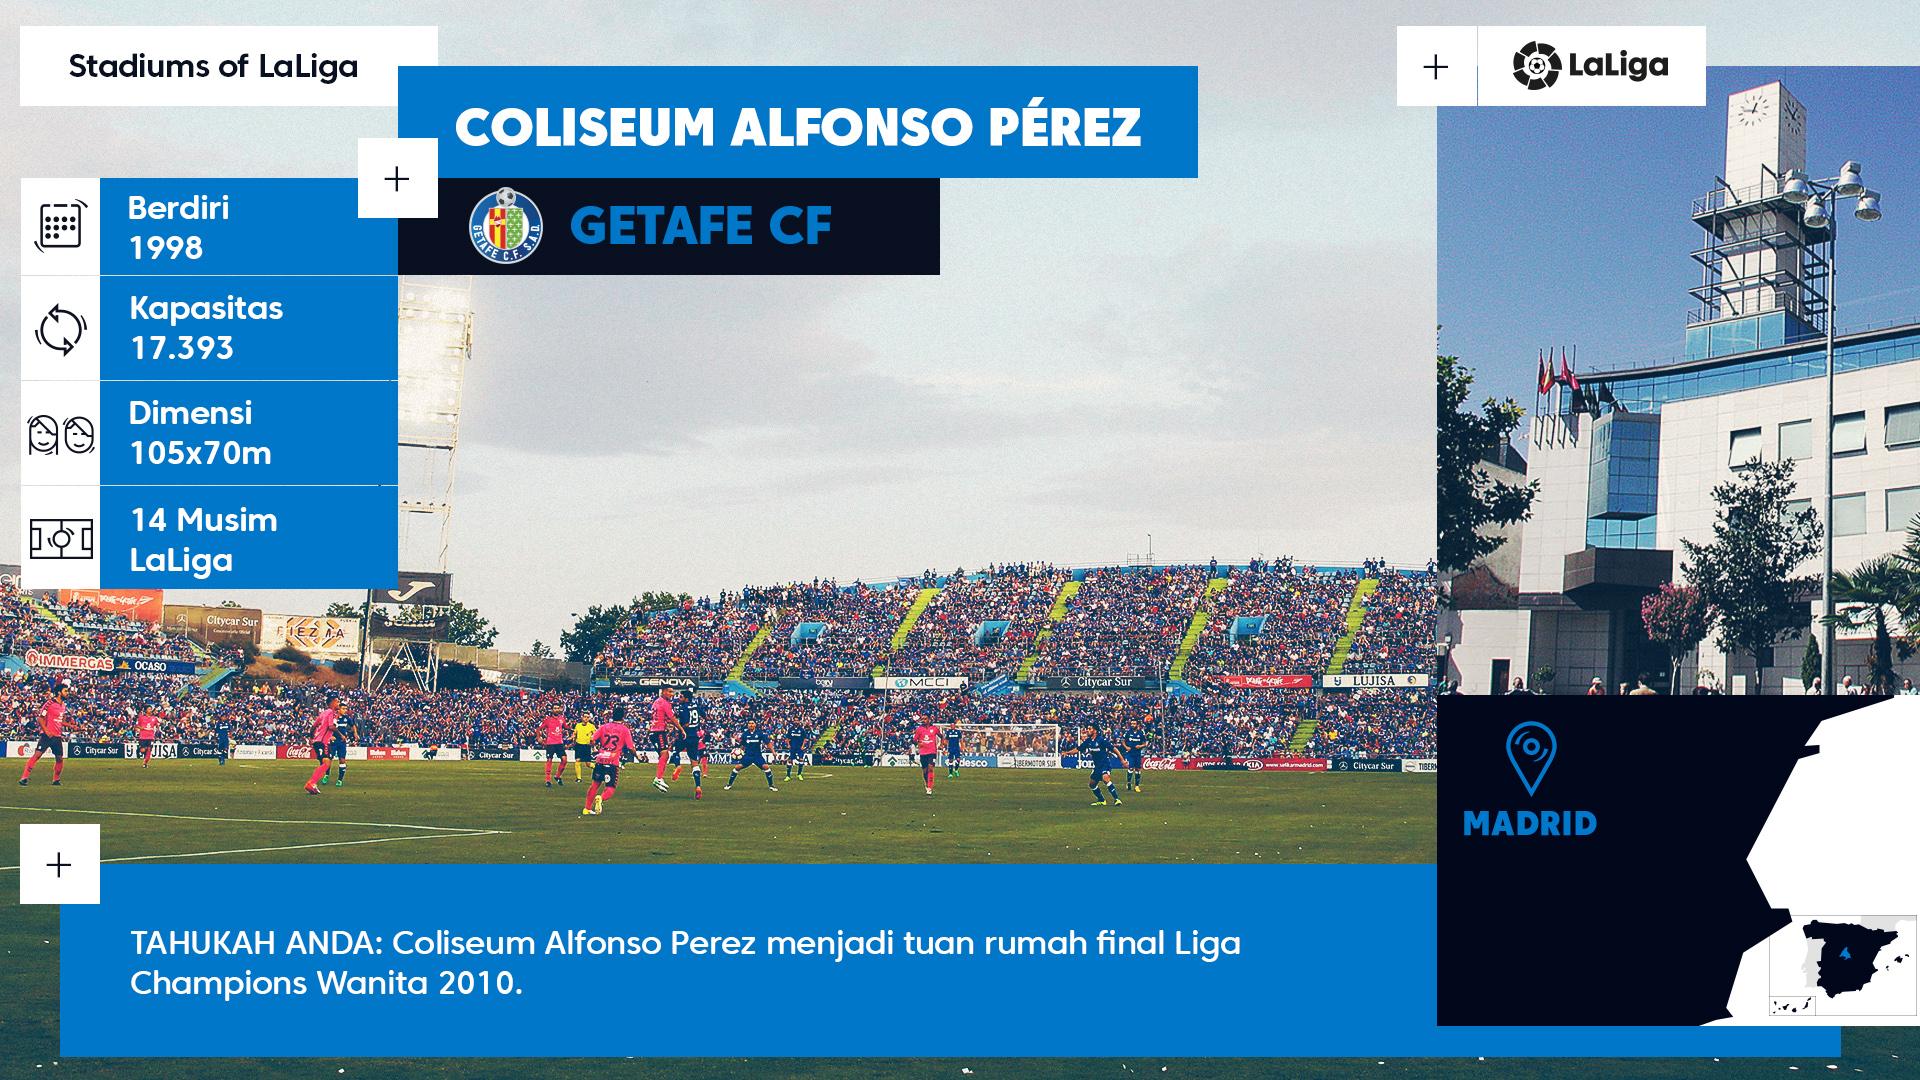 Coliseum Alfonso Perez - La Liga Stadium